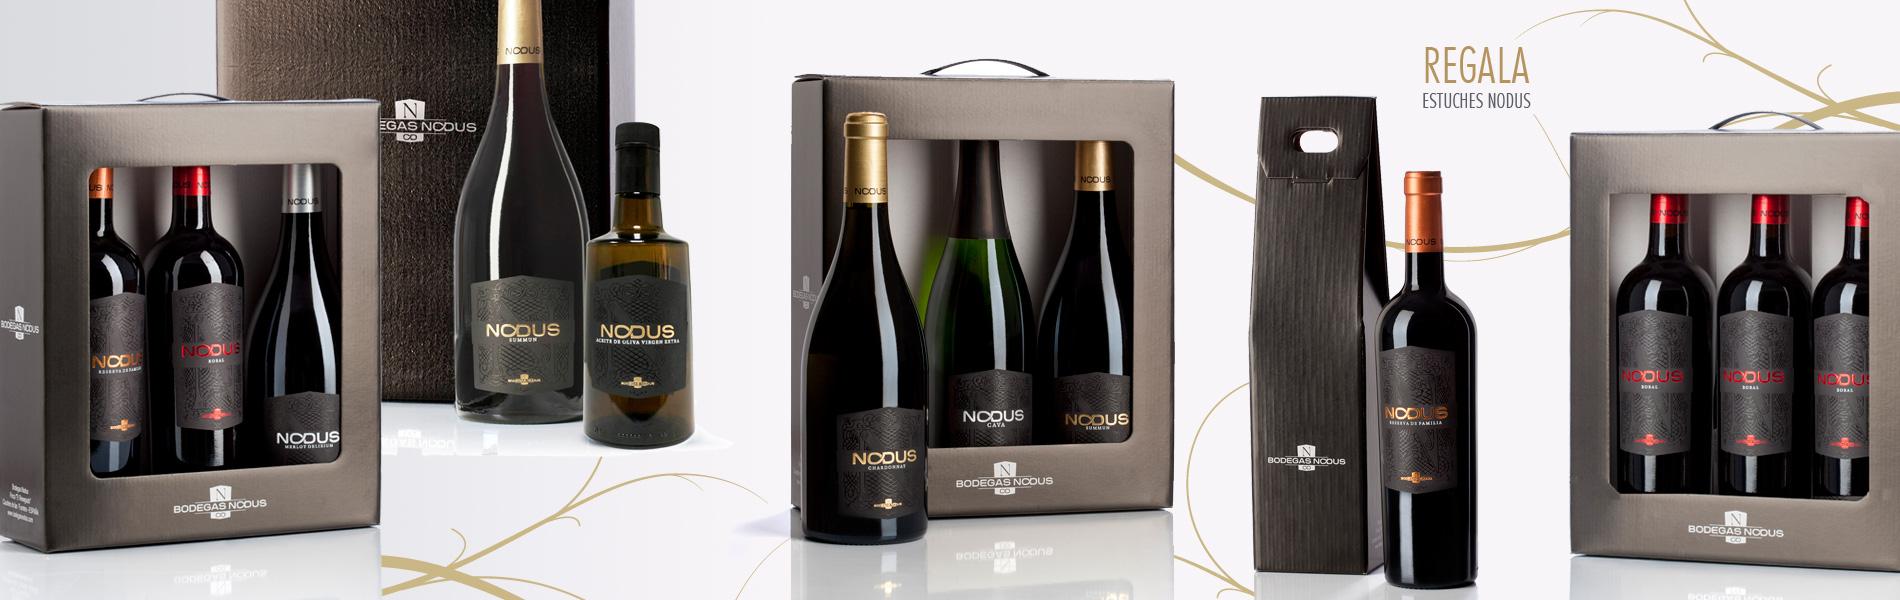 Estuches de vinos de Bodegas Nodus